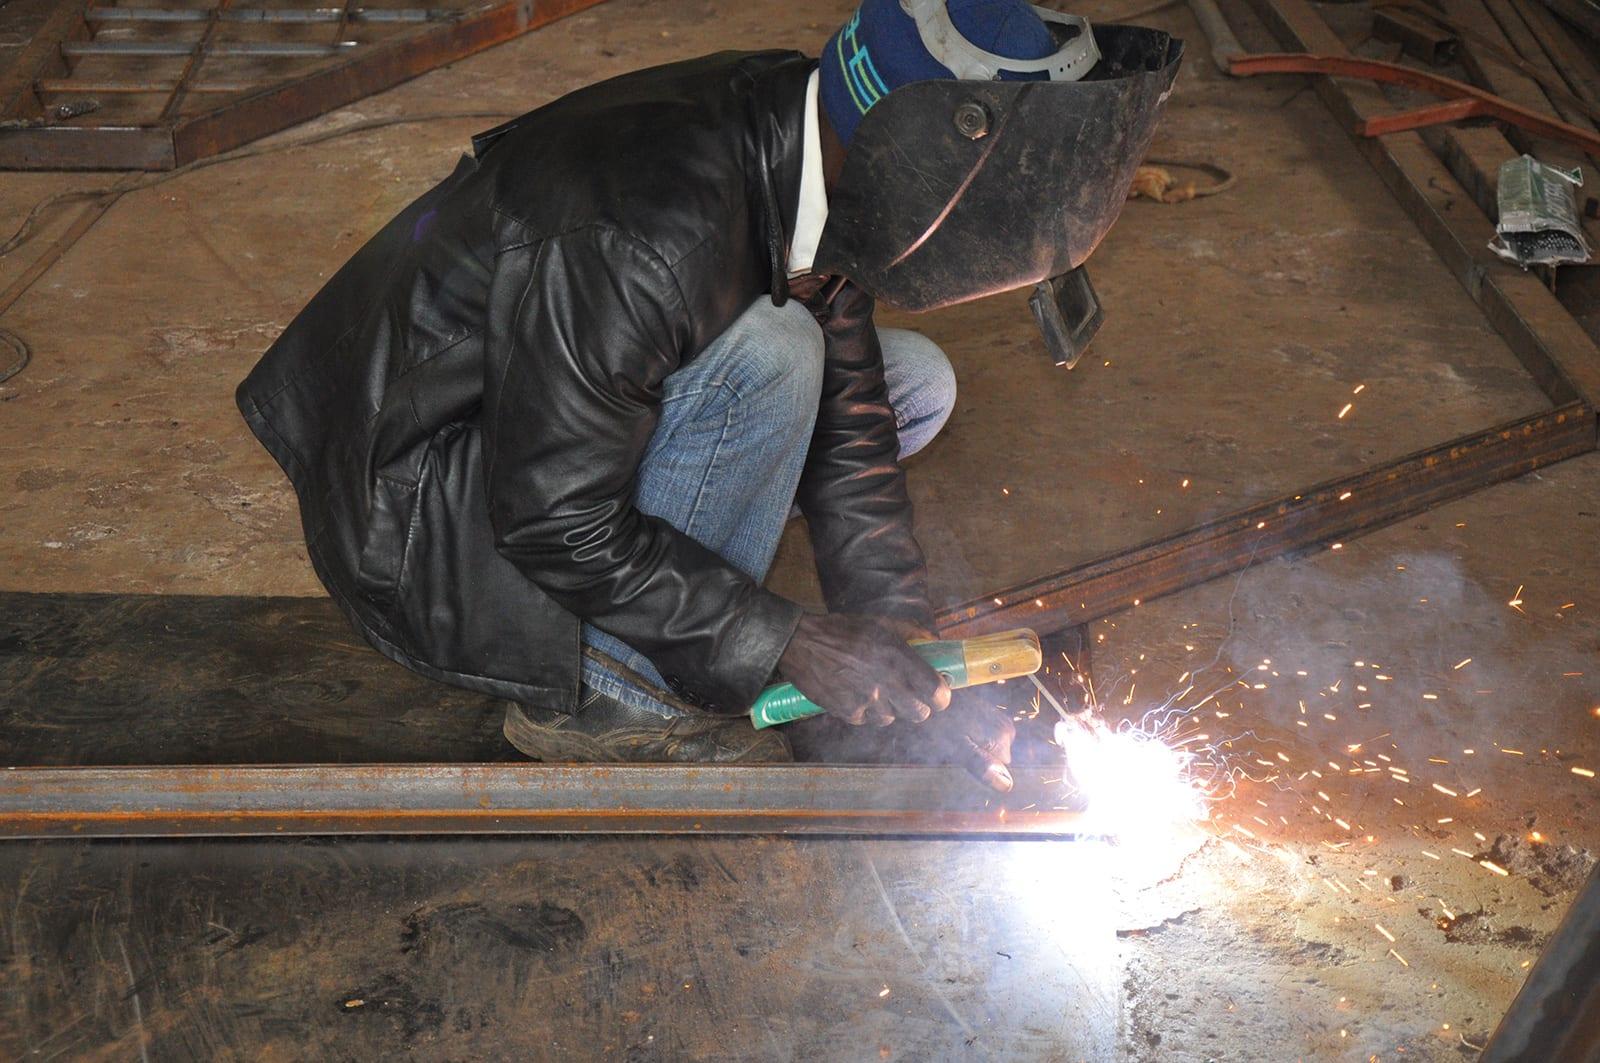 Education provided for welding skills